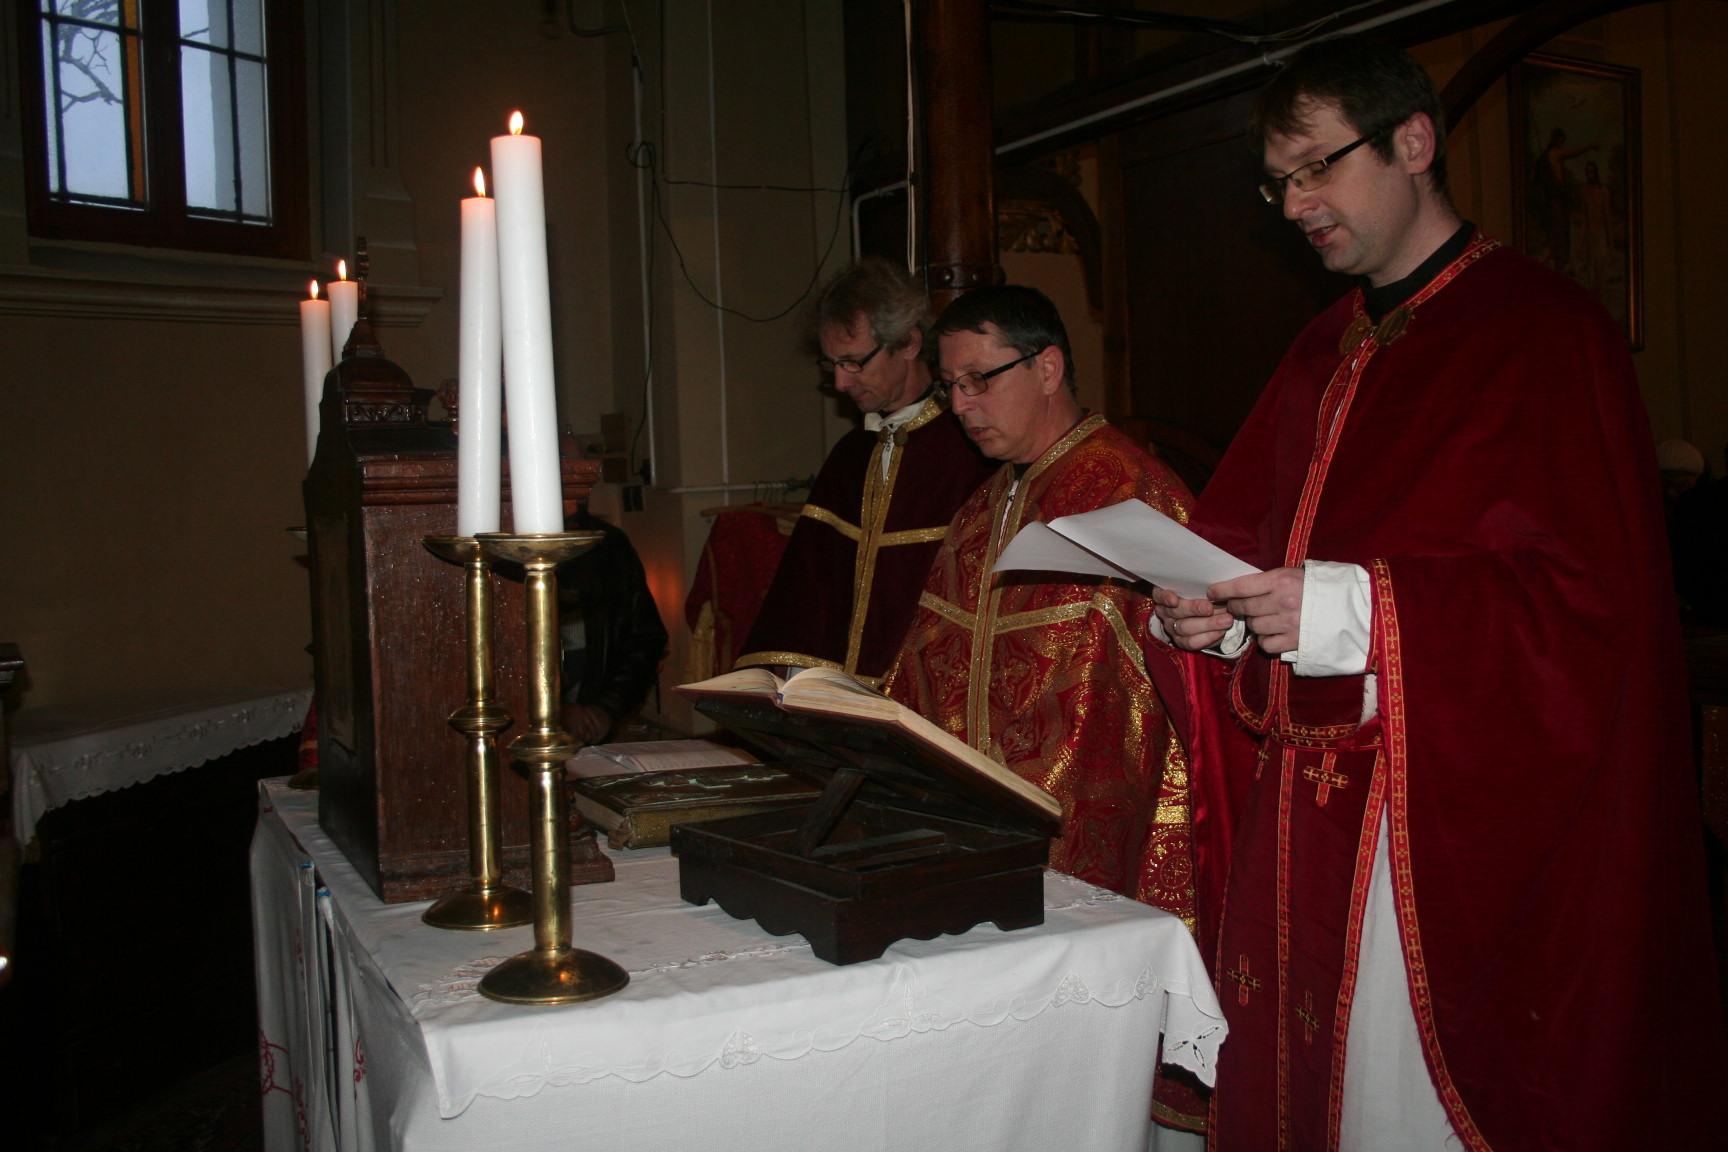 Előszenteltek liturgiája